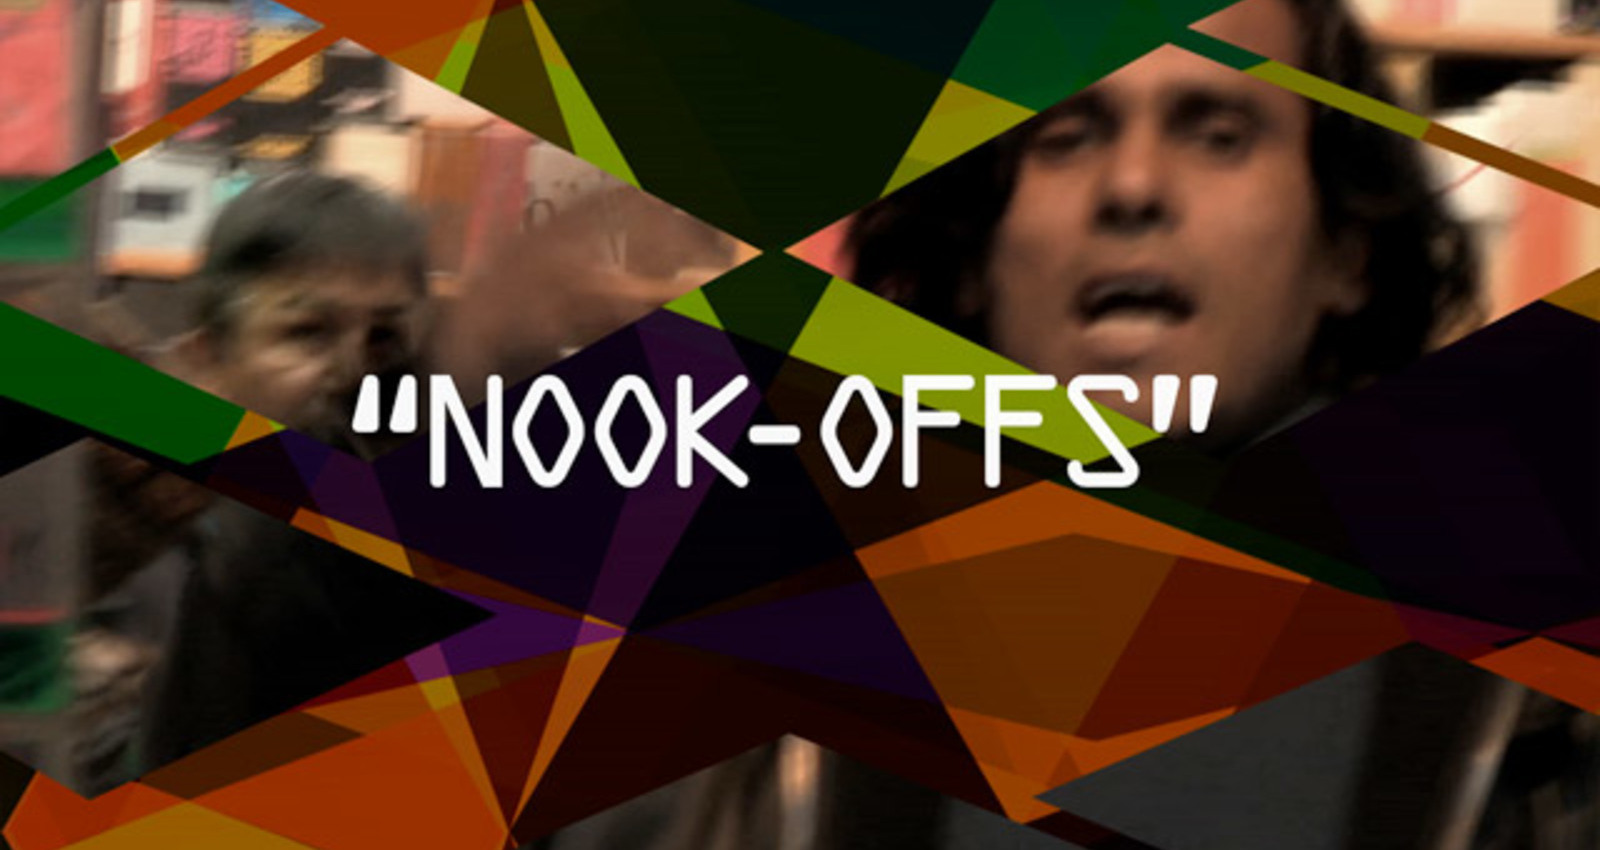 Nook-Offs